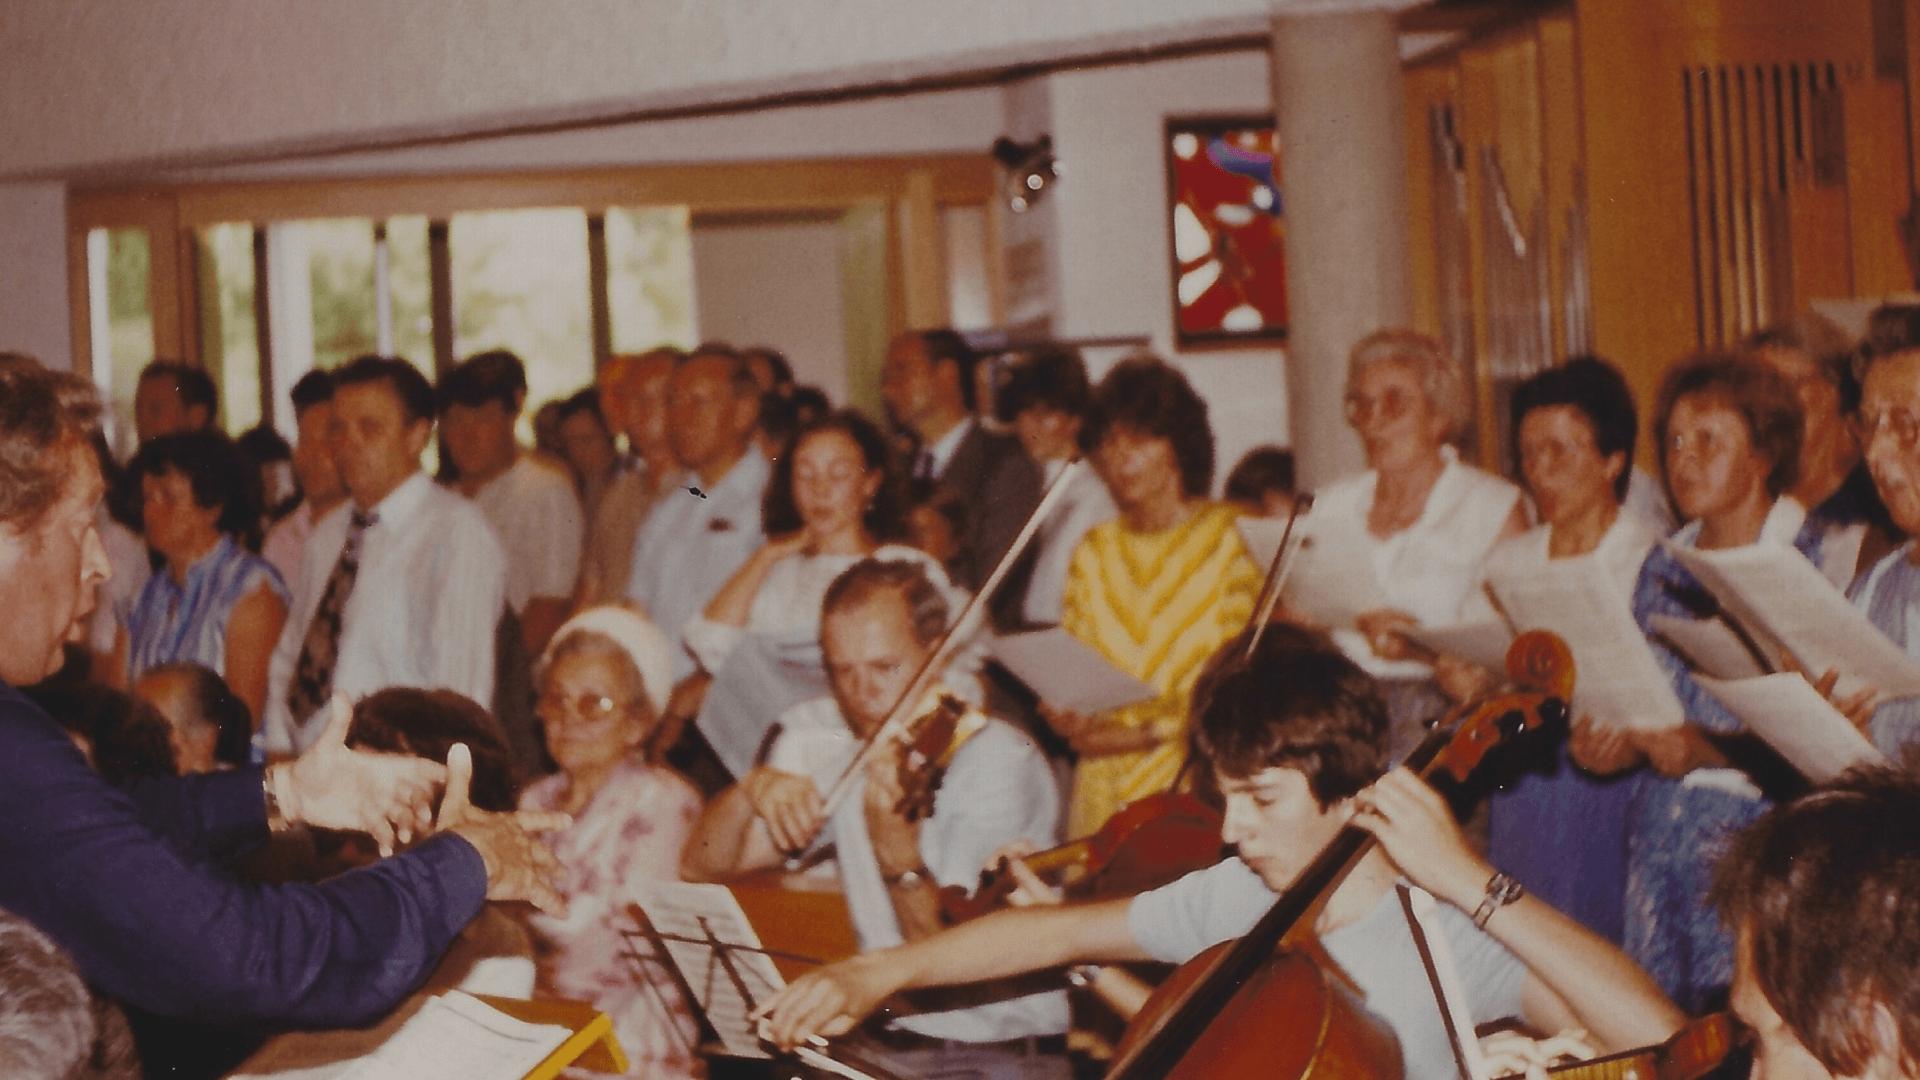 Der Kirchenchor Schwaikheim sorgt für den festl. Gesang Christi Himmelfahrt 1983- Foto: Archiv Arme Schulschwestern